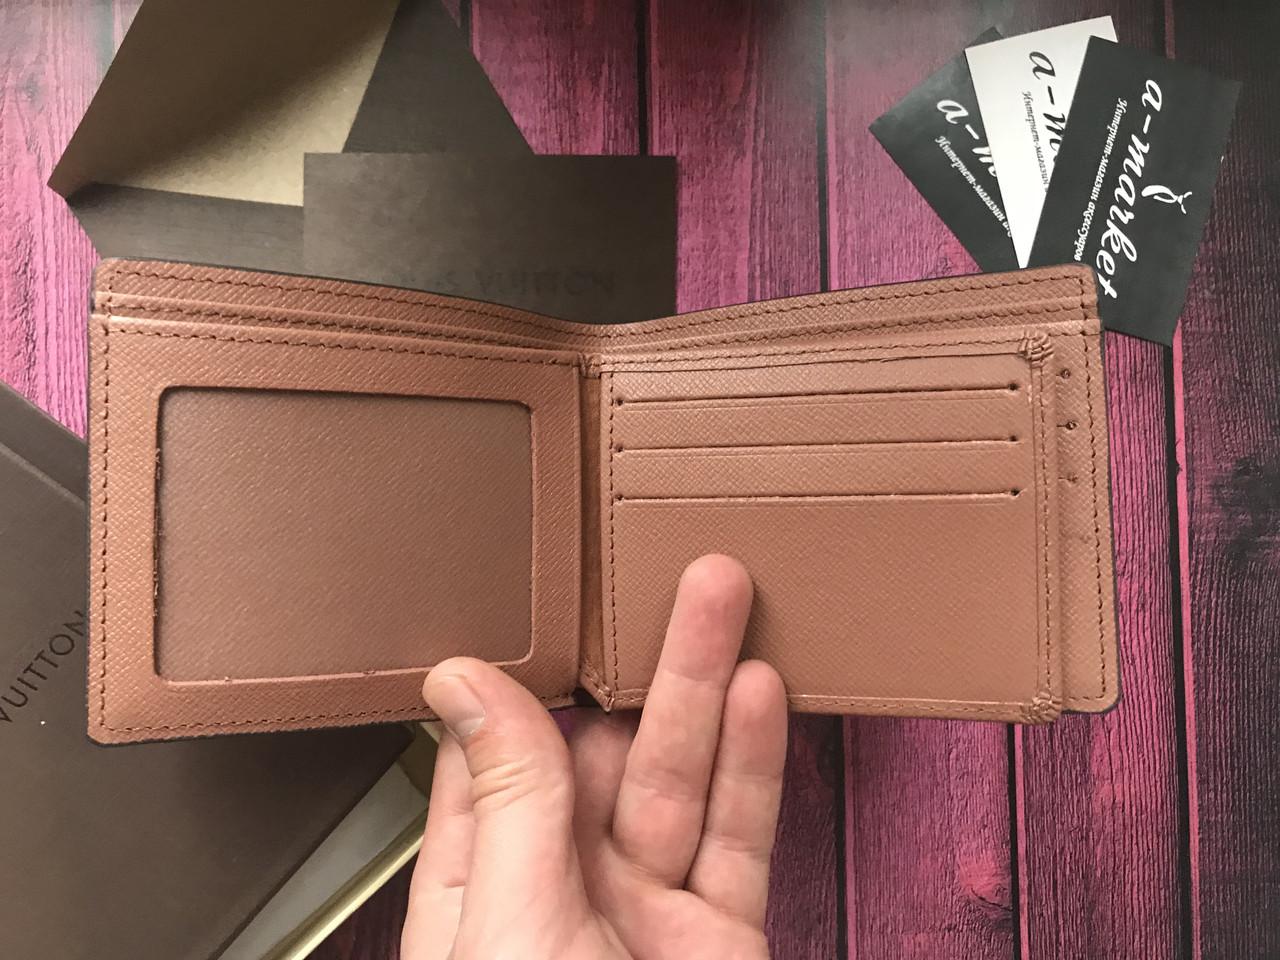 ca771d340a58 Кошелек клатч портмоне бумажник мужской женский Louis Vuitton Monogram премиум  реплика, цена 550 грн., купить в Одессе — Prom.ua (ID#677510800)